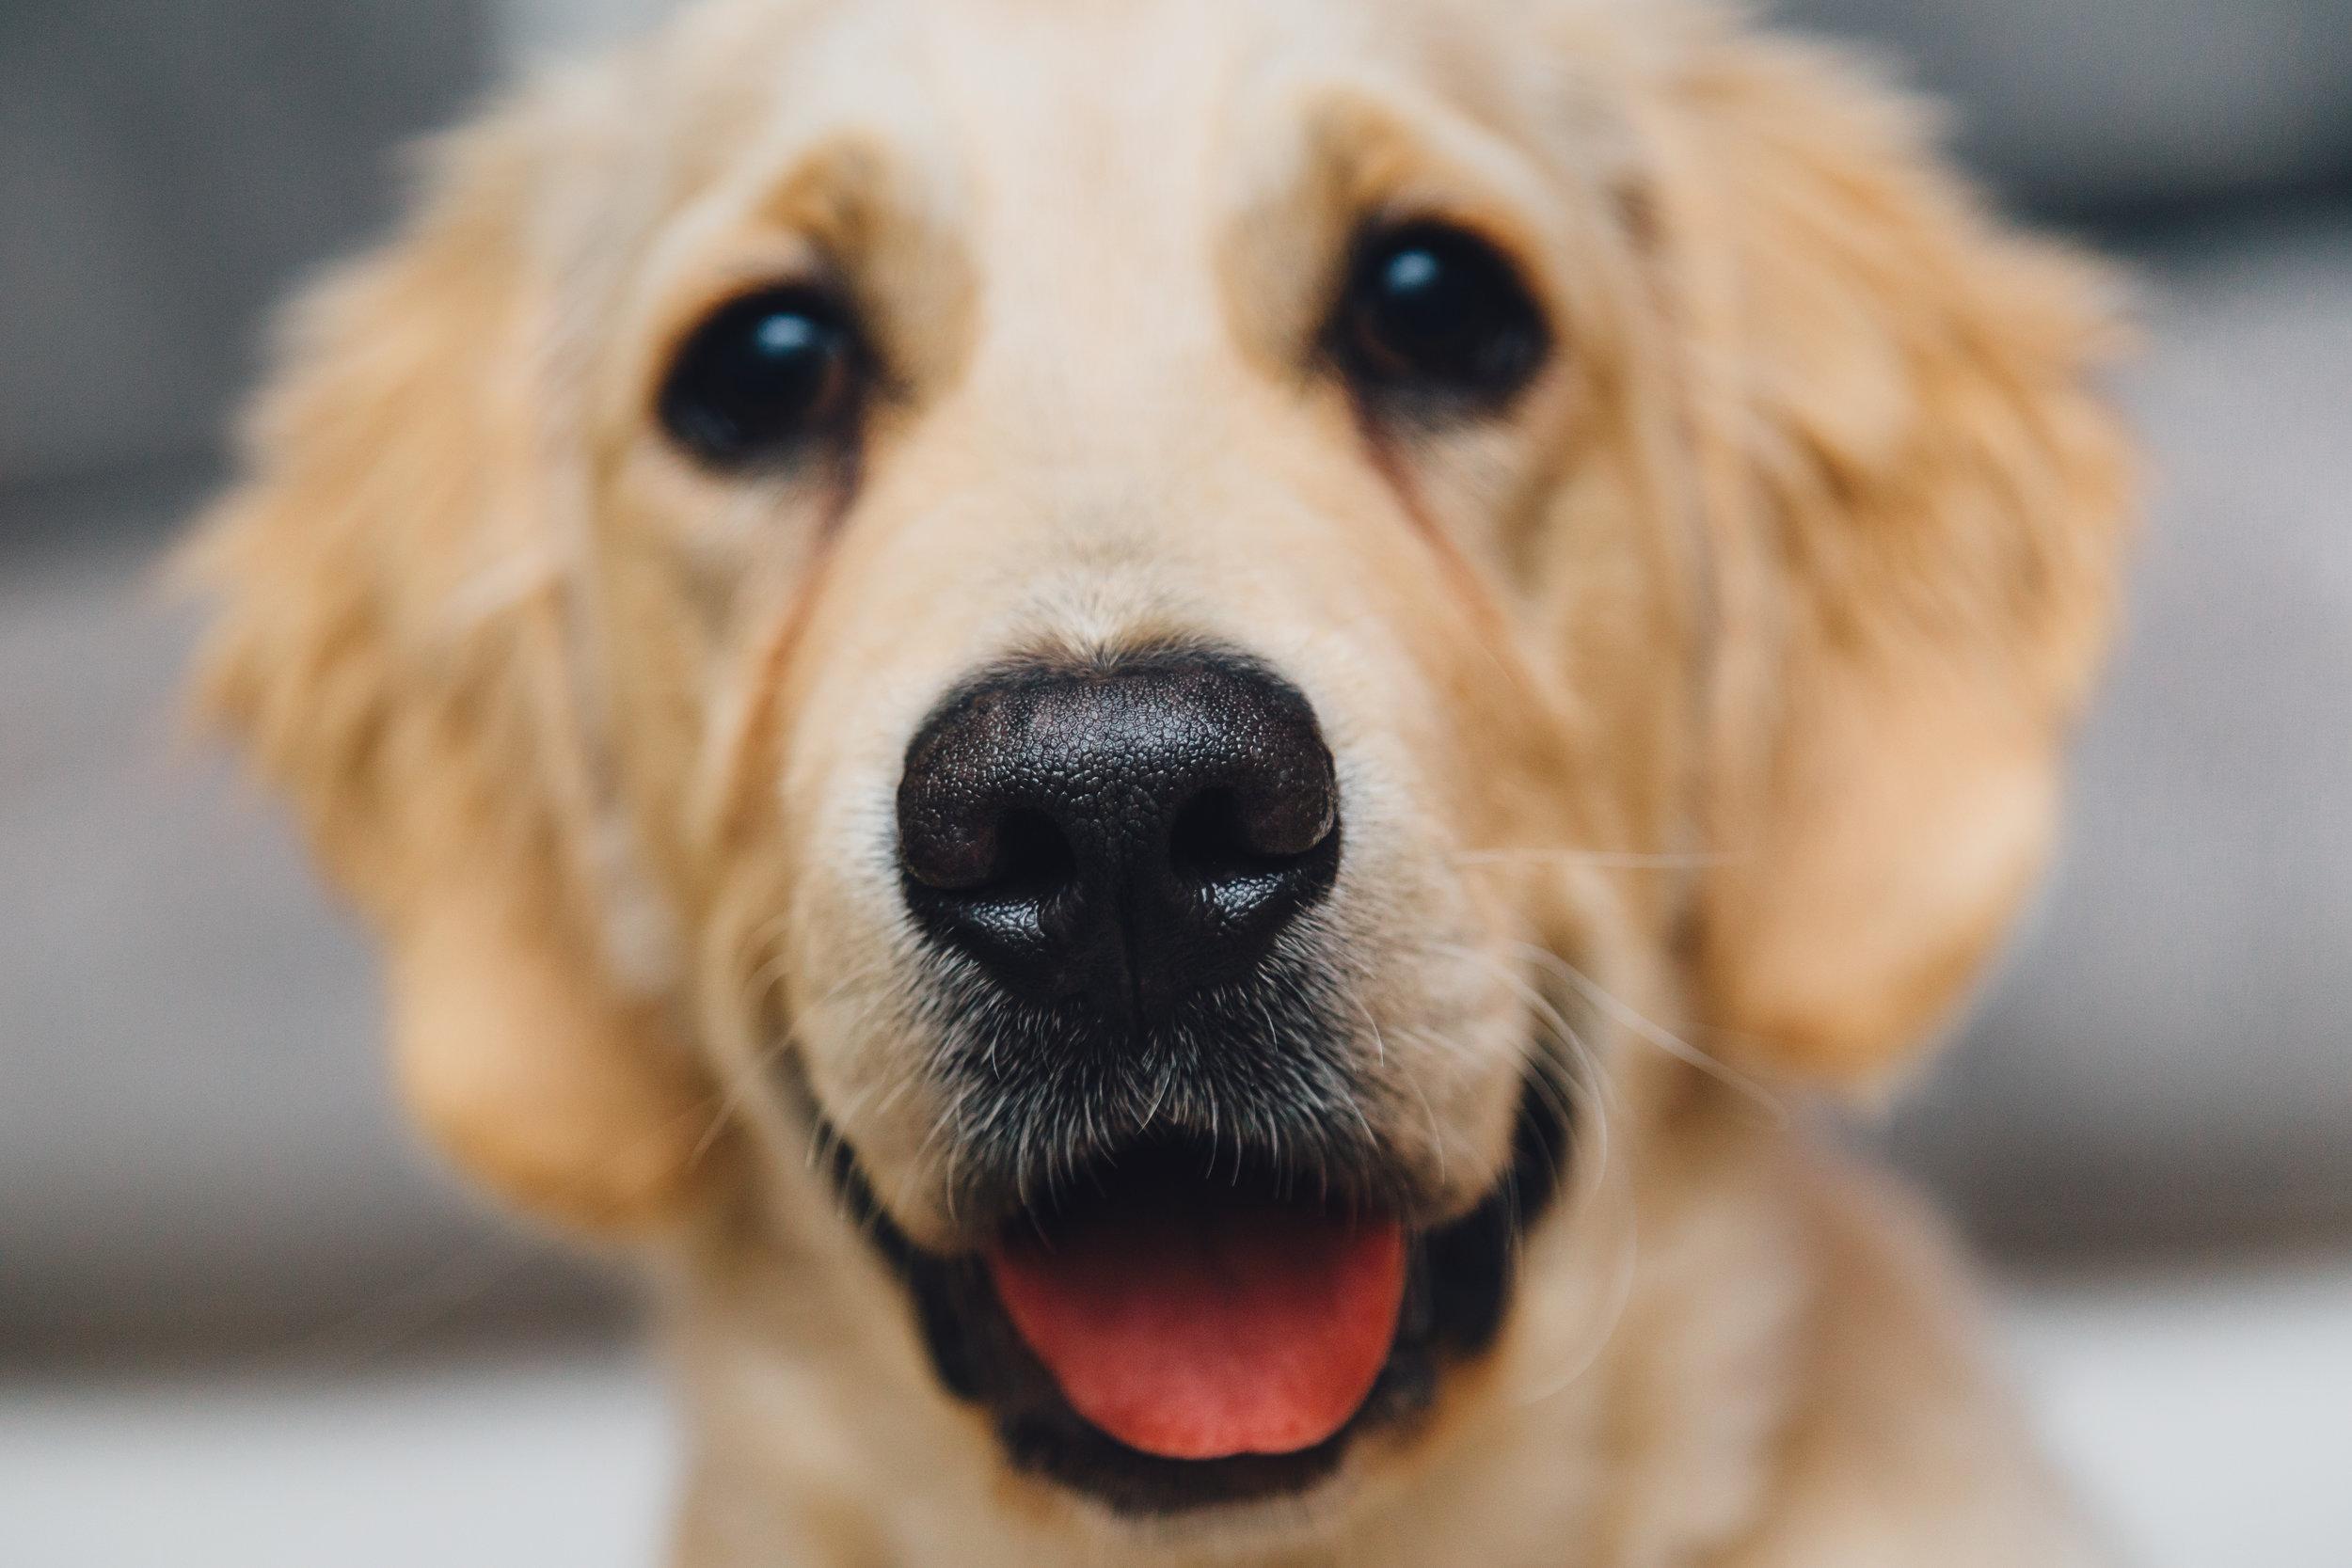 Dog Focused on Human